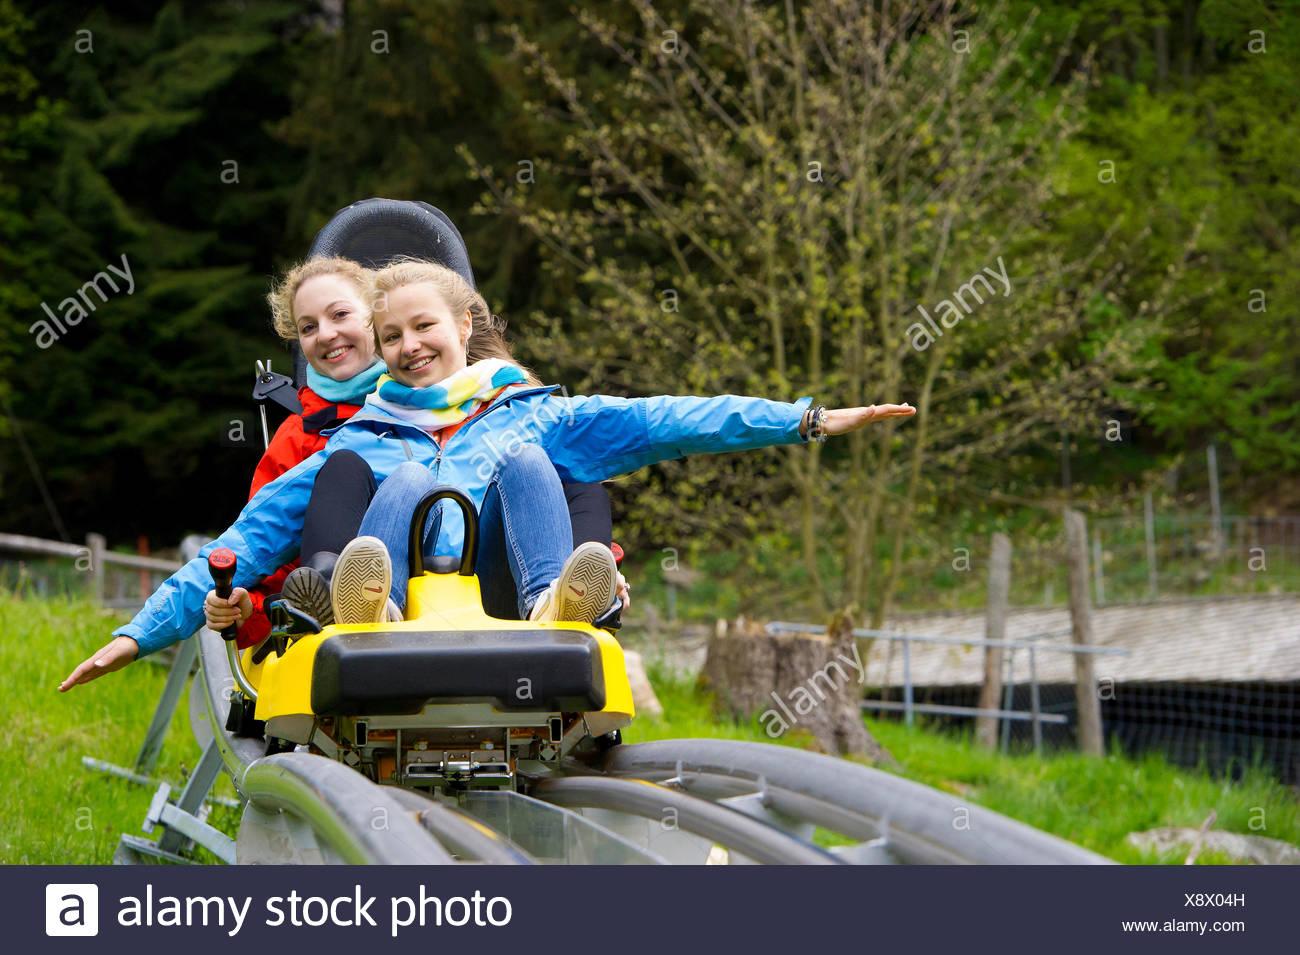 Les jeunes femmes sur une piste de luge d'été, dans le Steinwasenpark Oberried, Forêt-Noire, Bade-Wurtemberg, Allemagne Photo Stock